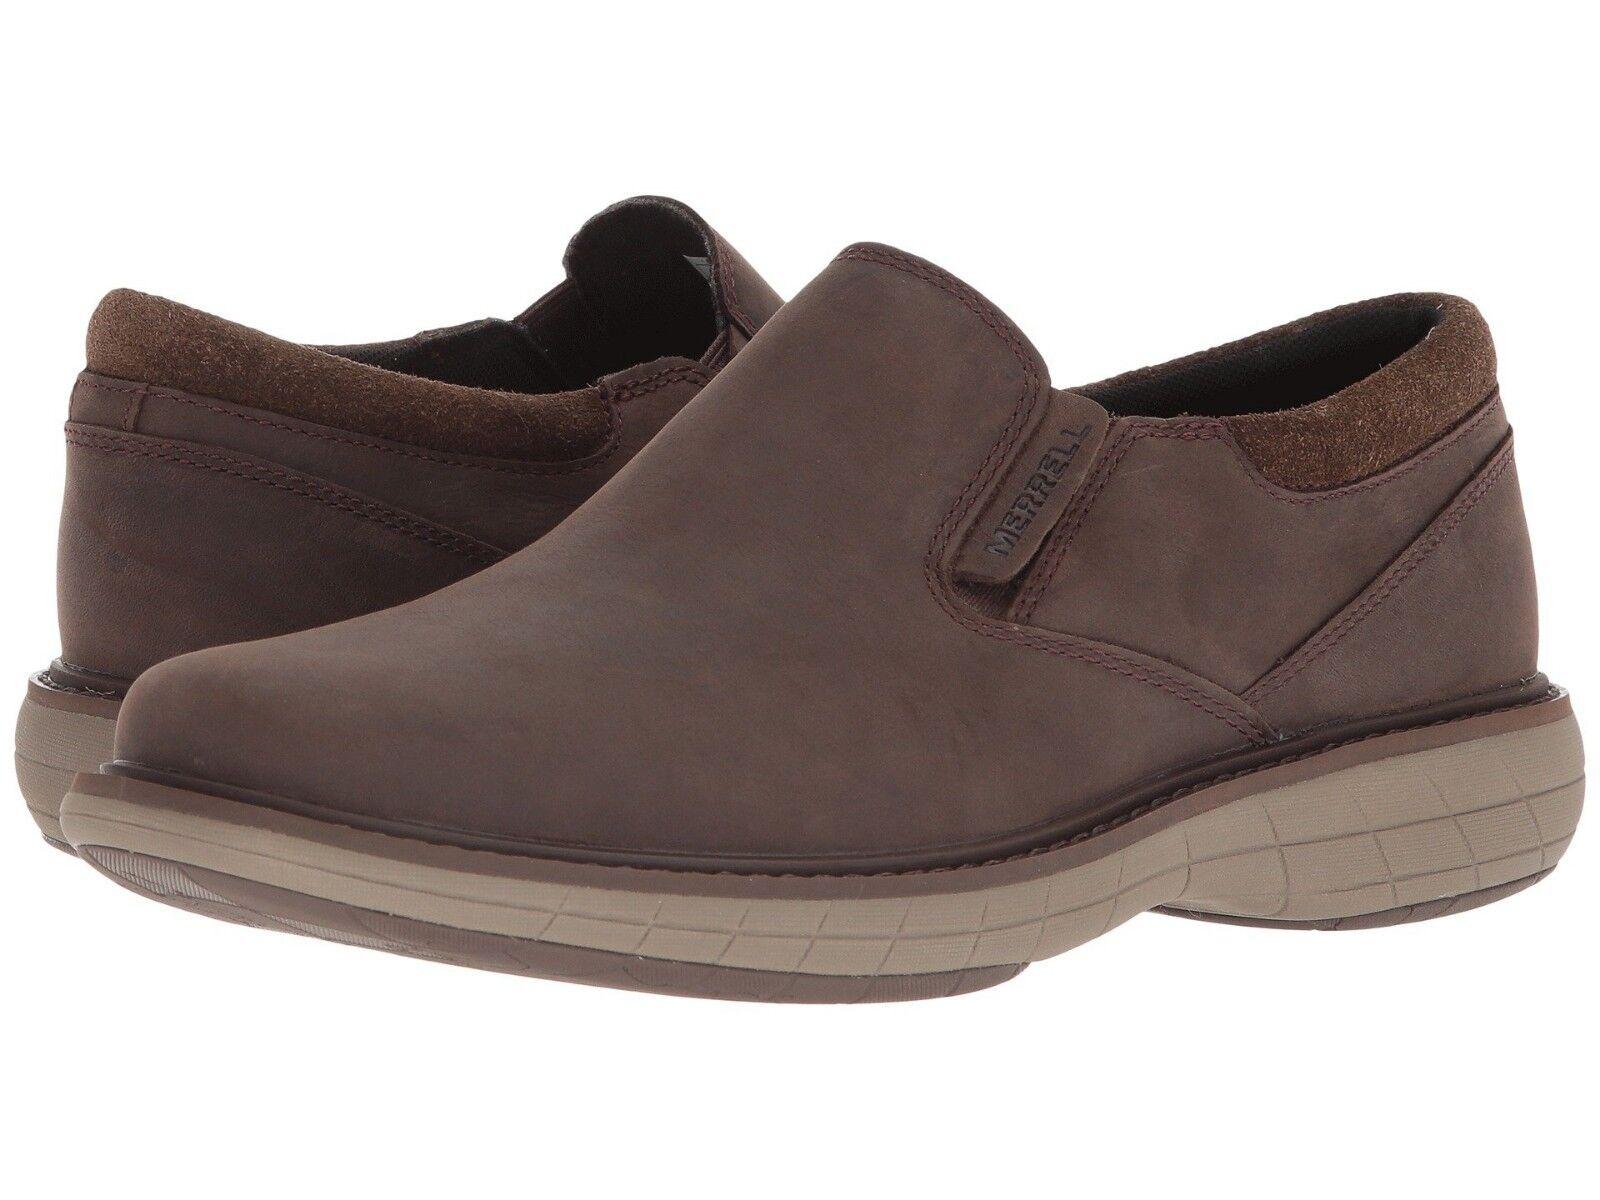 Nuevo Para hombres Merrell mundo Vue Moc Slip On Marrón Cuero Zapatos De Senderismo Genuino pizarra